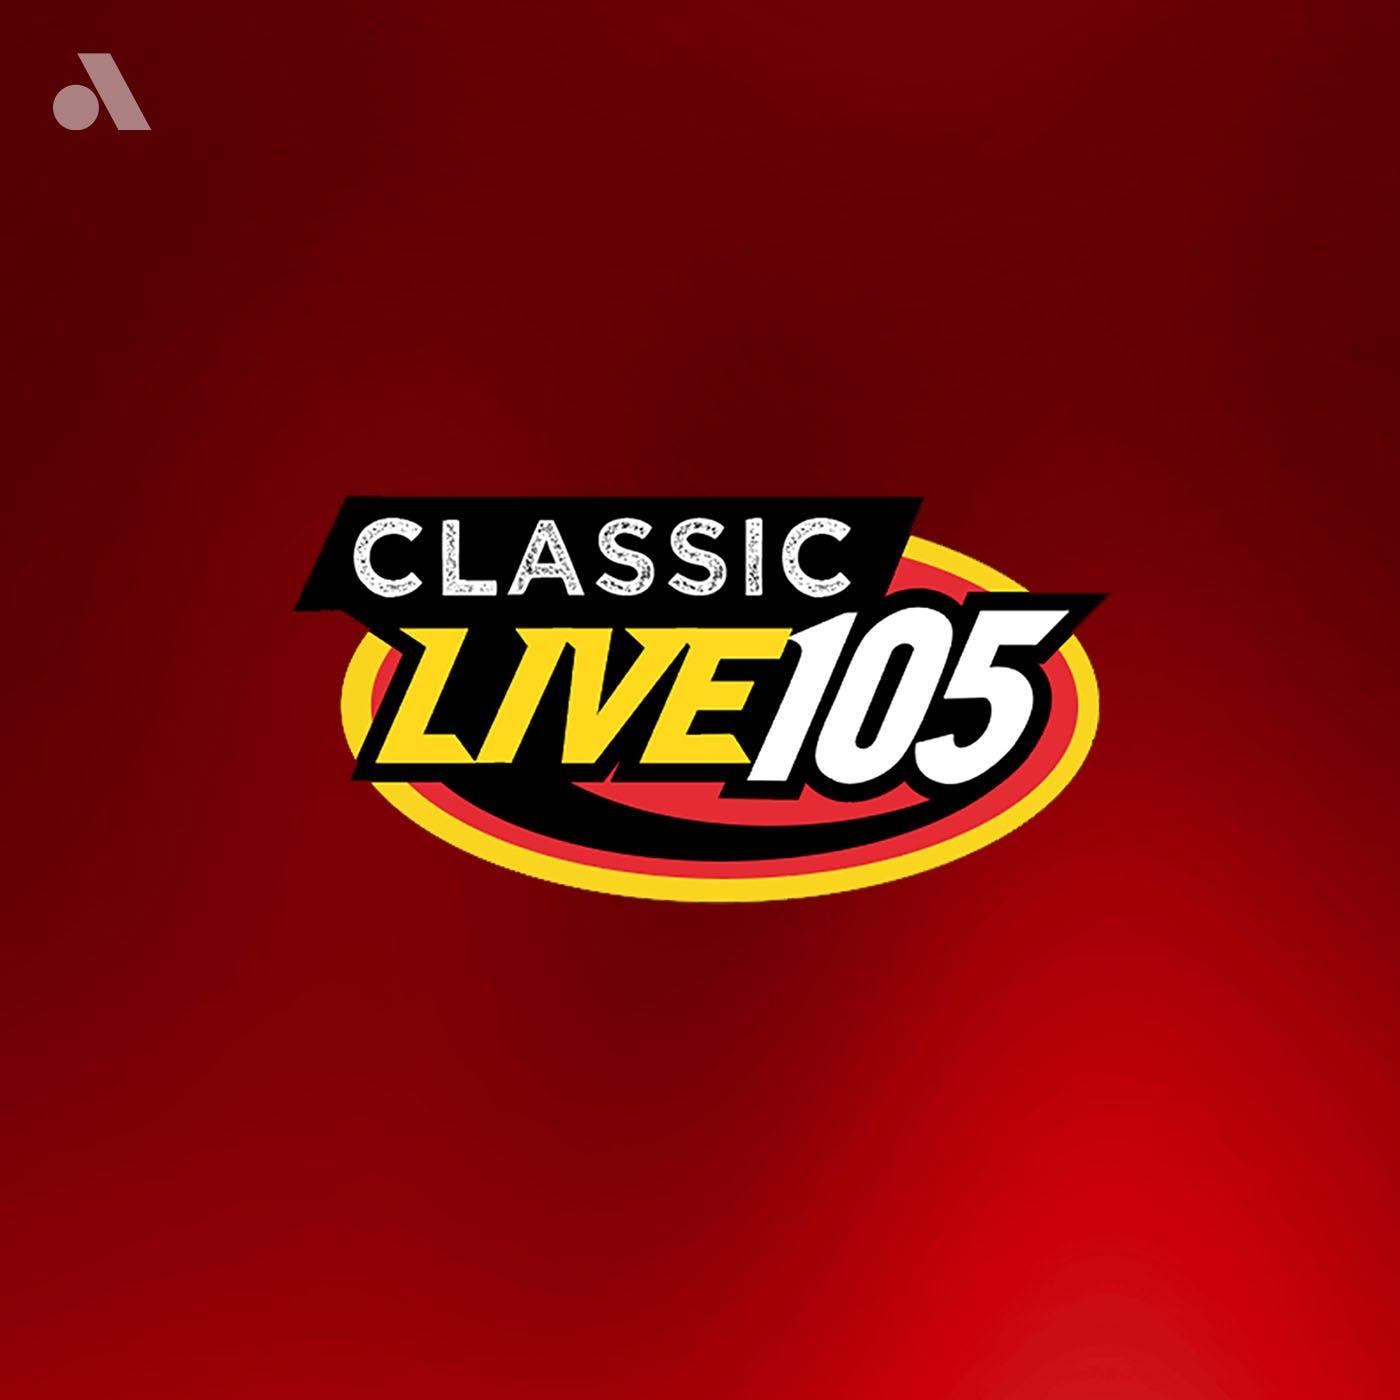 Classic Live 105